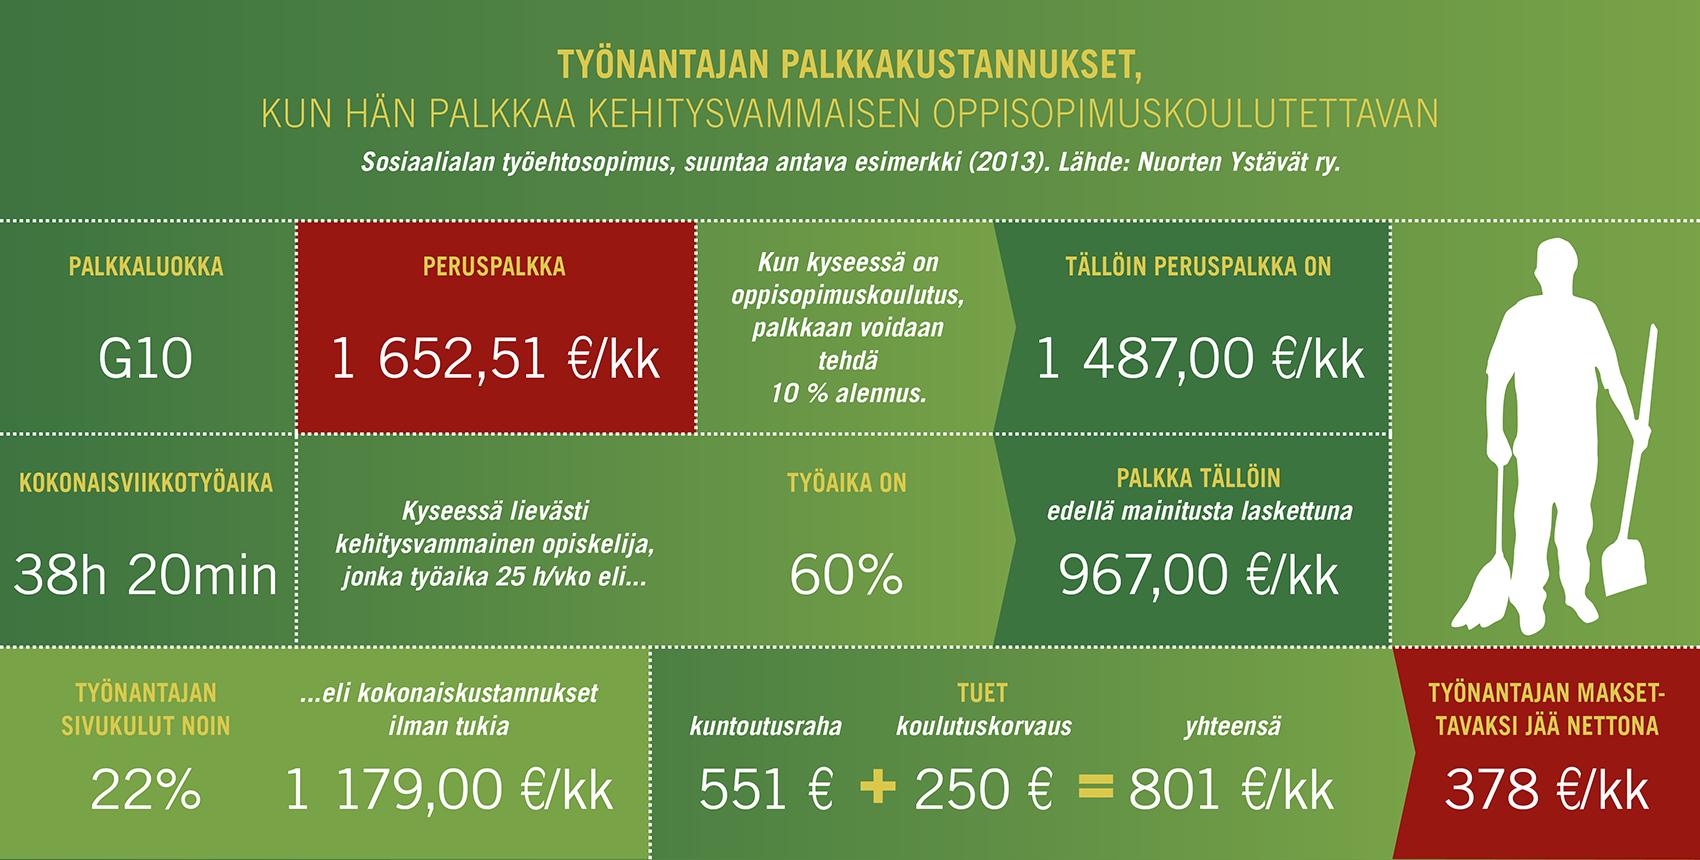 Työnantajan palkkakustannukset, esimerkkilaskelma.